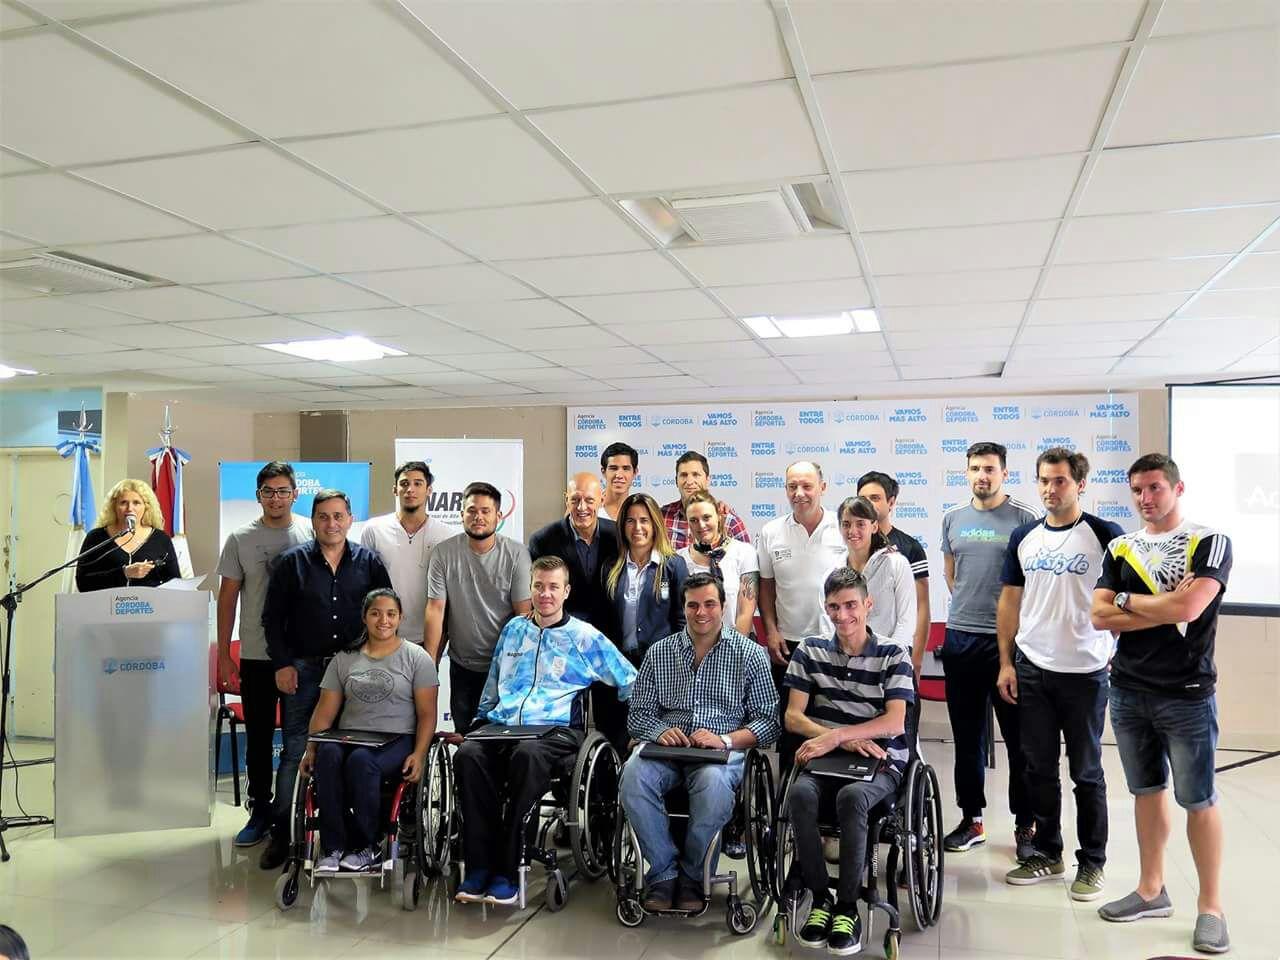 Los atletas olímpicos y paralímpicos, unidos pensando en el futuro